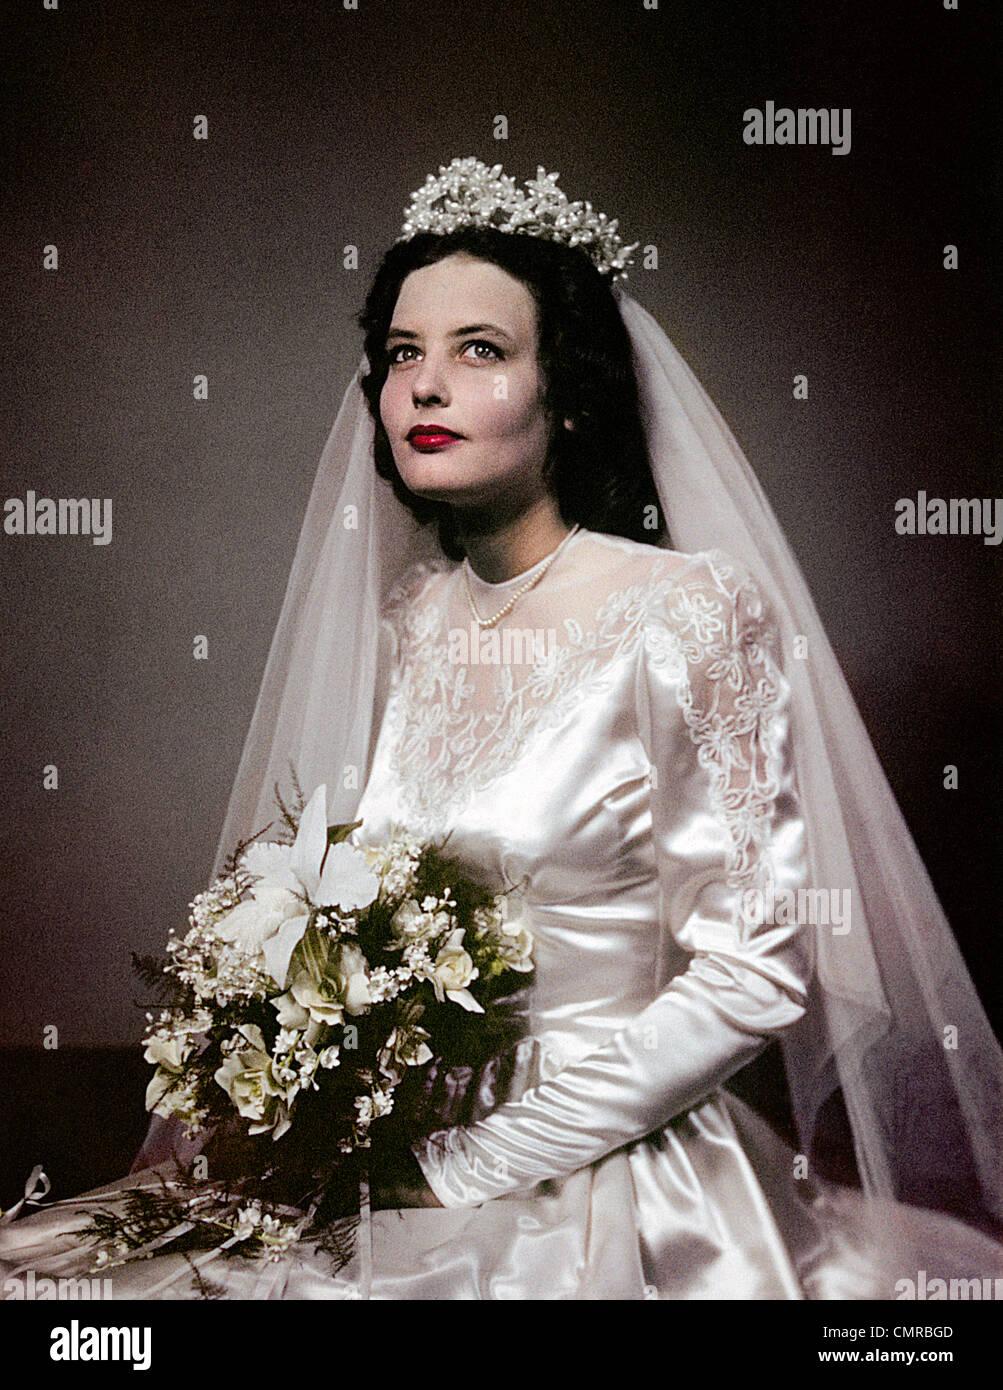 1940 Retrato de 1950 Morena novia vestido nupcial con ramo de flores Imagen De Stock